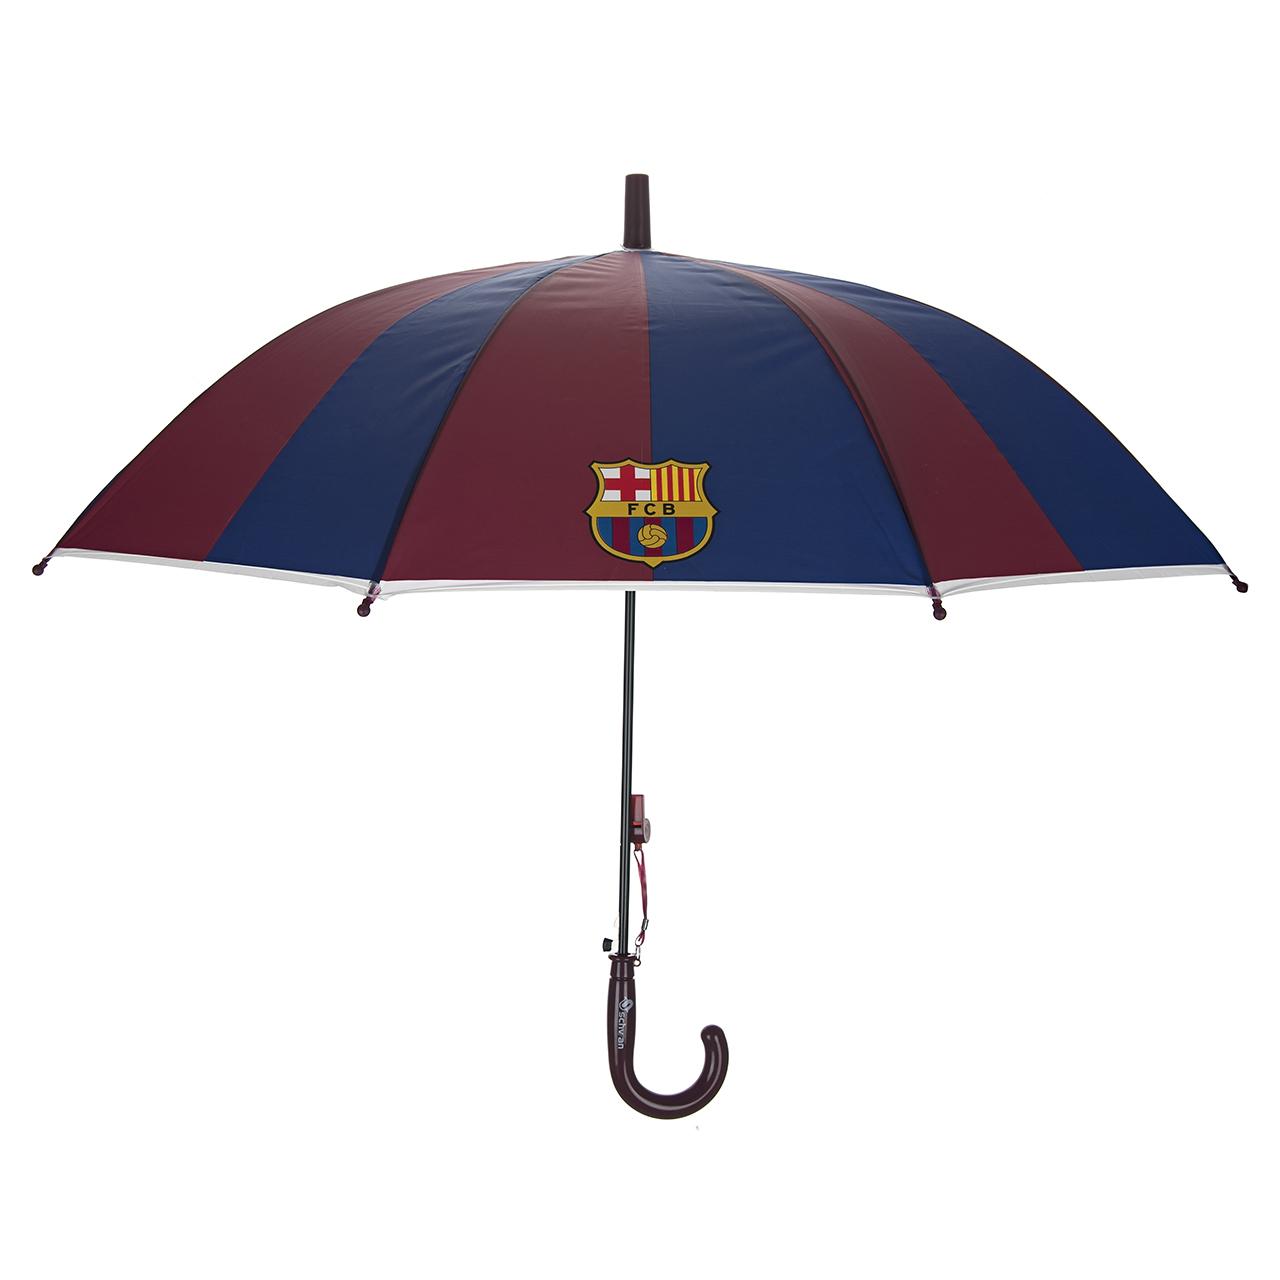 چتر شوان مدل Fcbarcelona